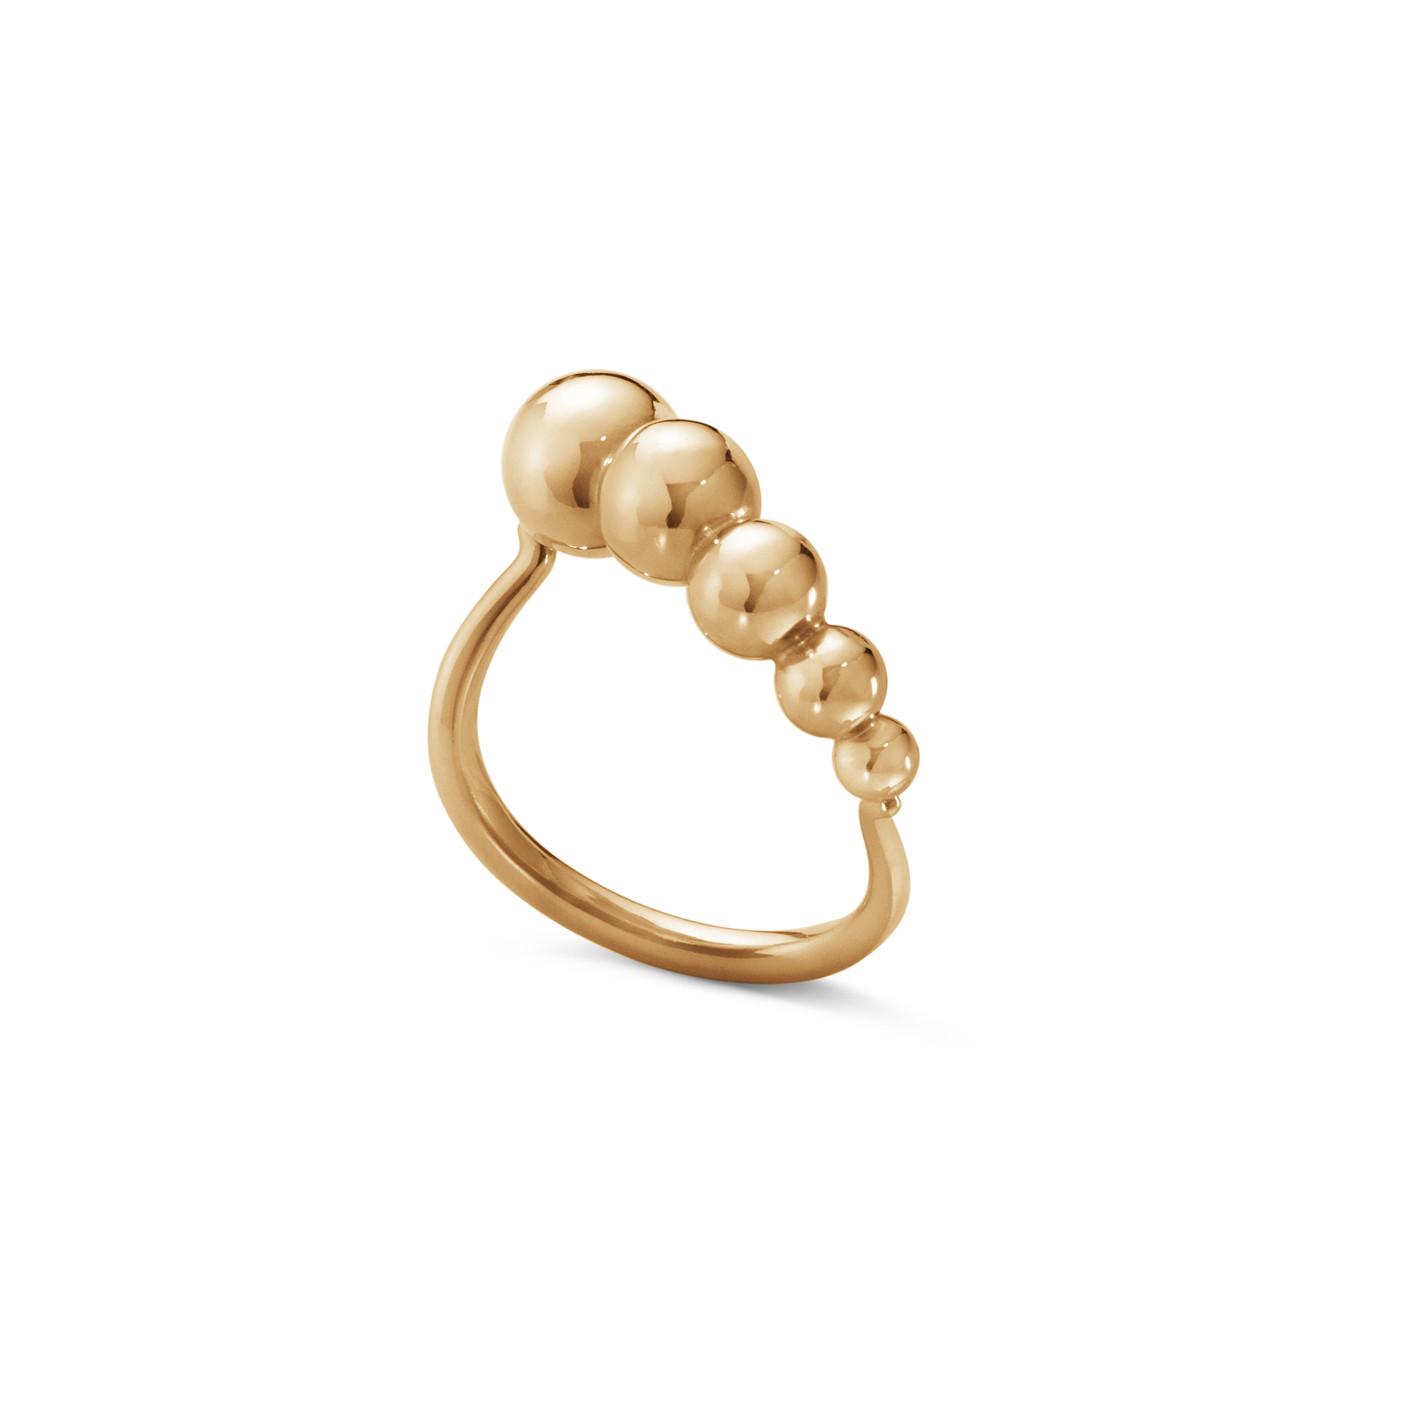 Georg Jensen Grape ring 18 kt rosa guld - 10013654 18 kt Rosaguld 56